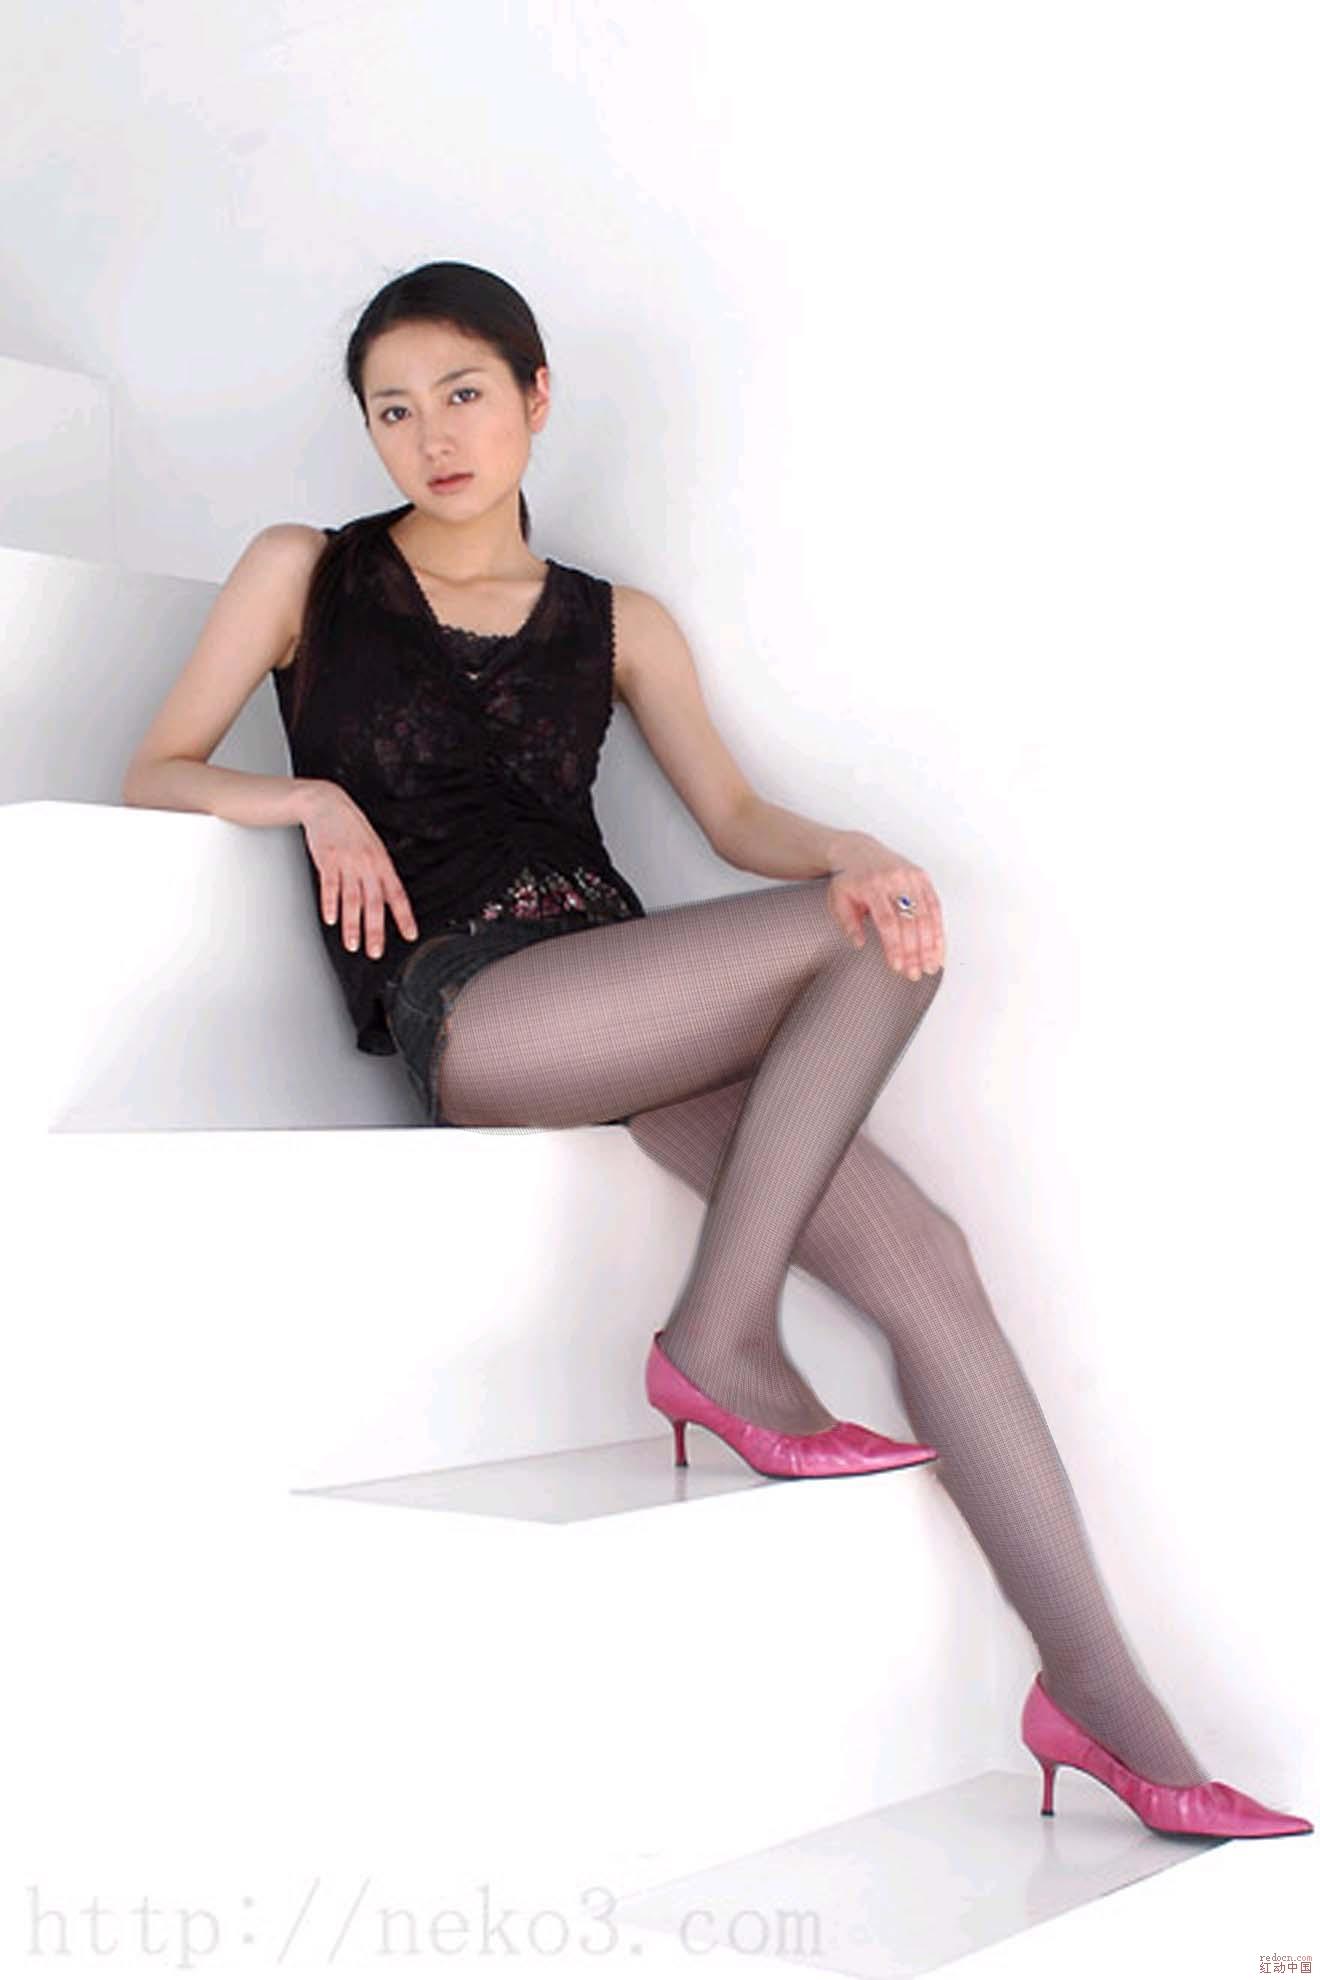 隔着丝袜干_请教关于丝袜的材料-请问下这个丝袜的材质或者品牌